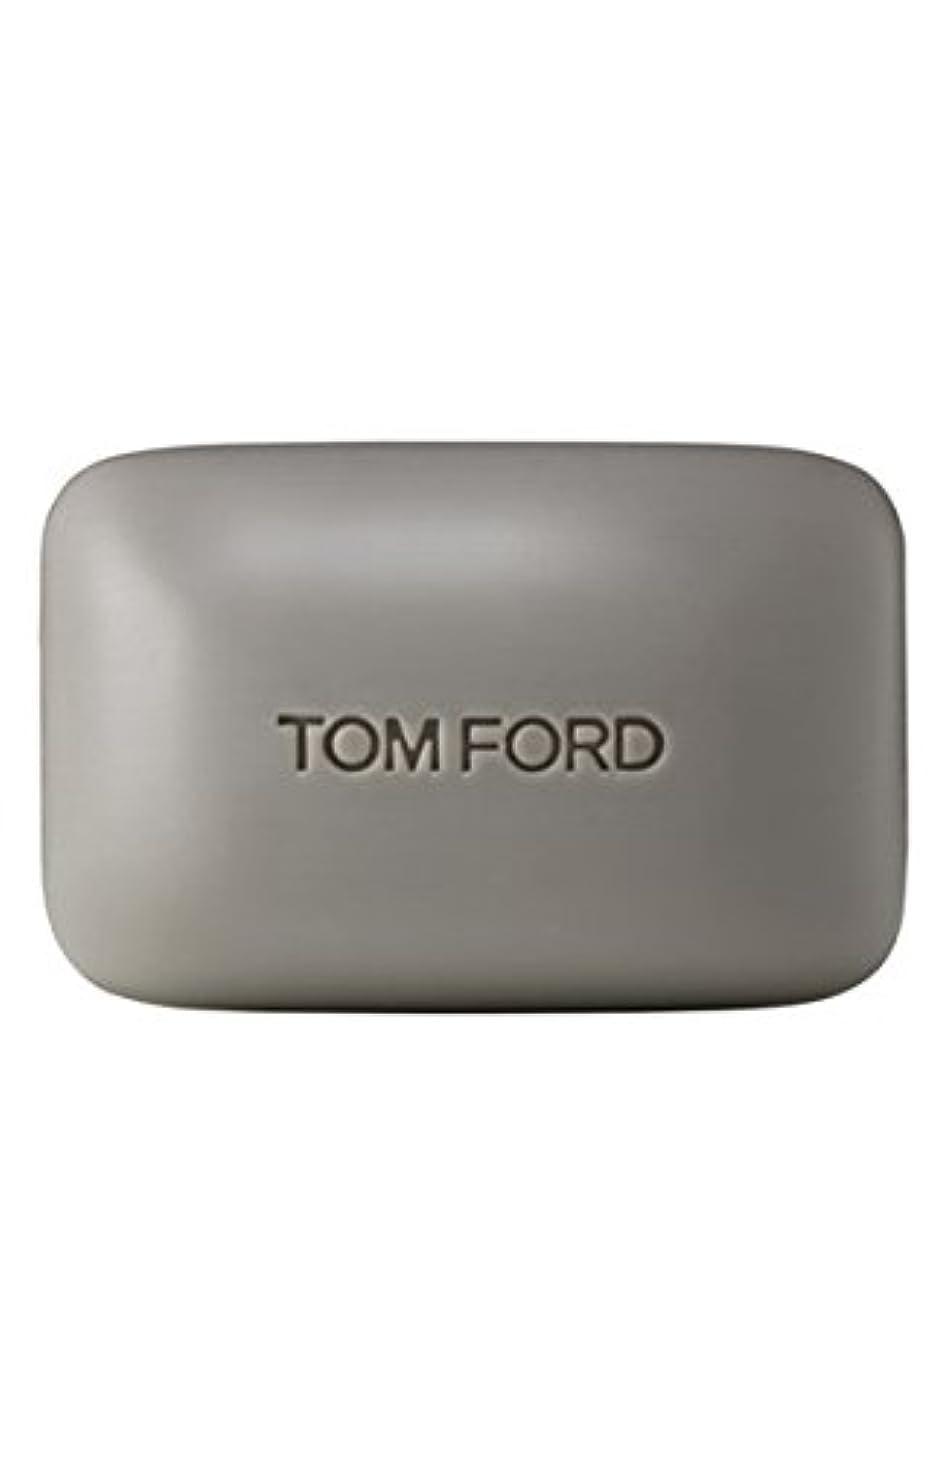 番目人植生Tom Ford Private Blend 'Oud Wood' (トムフォード プライベートブレンド オードウッド) 5.5 oz (165ml) Bar Soap (固形石鹸)